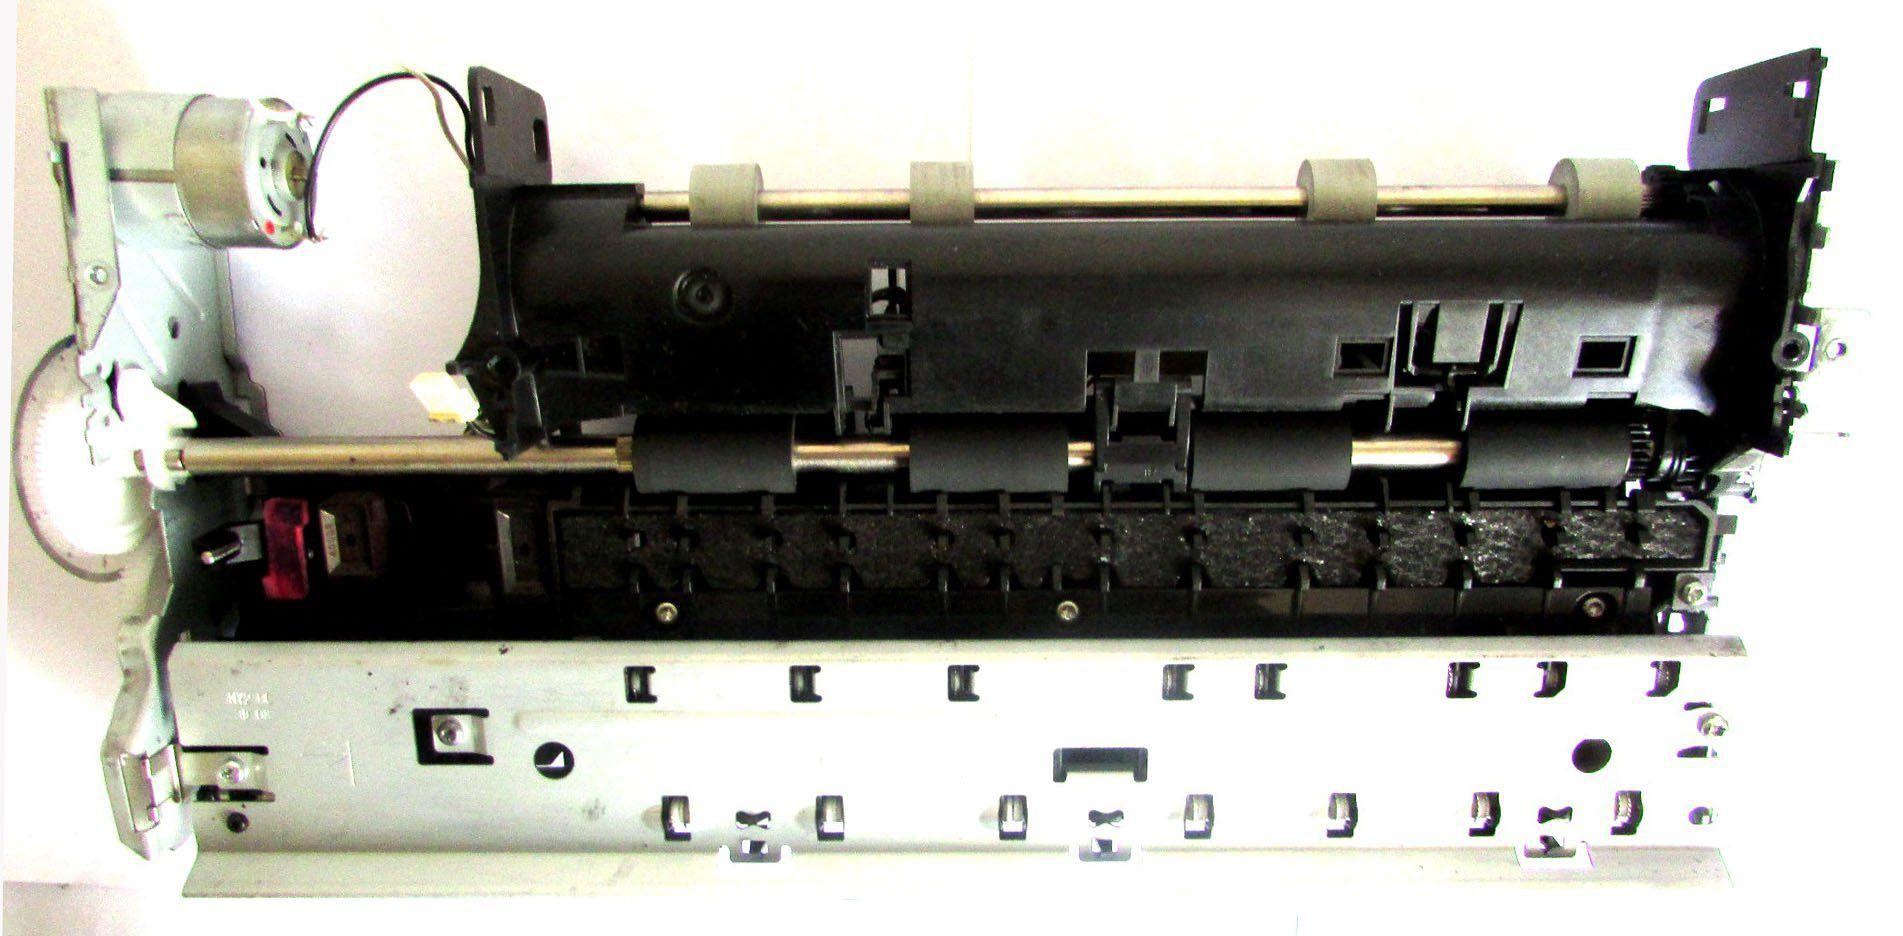 Mecanismo De Impressão Hp Photosmart C4200 (semi novo)